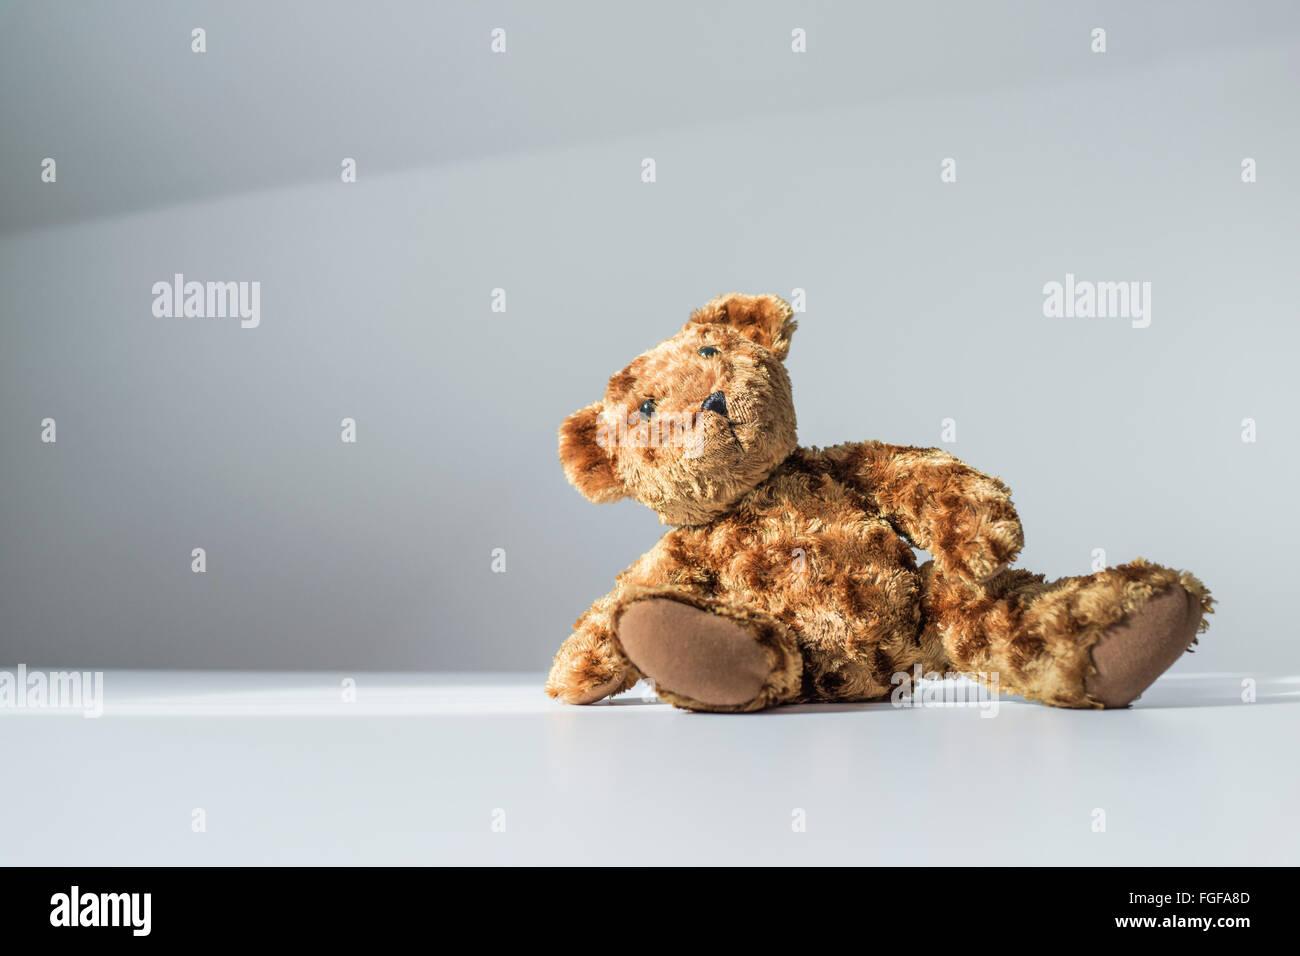 Ours en peluche brun assis sur le plancher incliné sur un côté Photo Stock